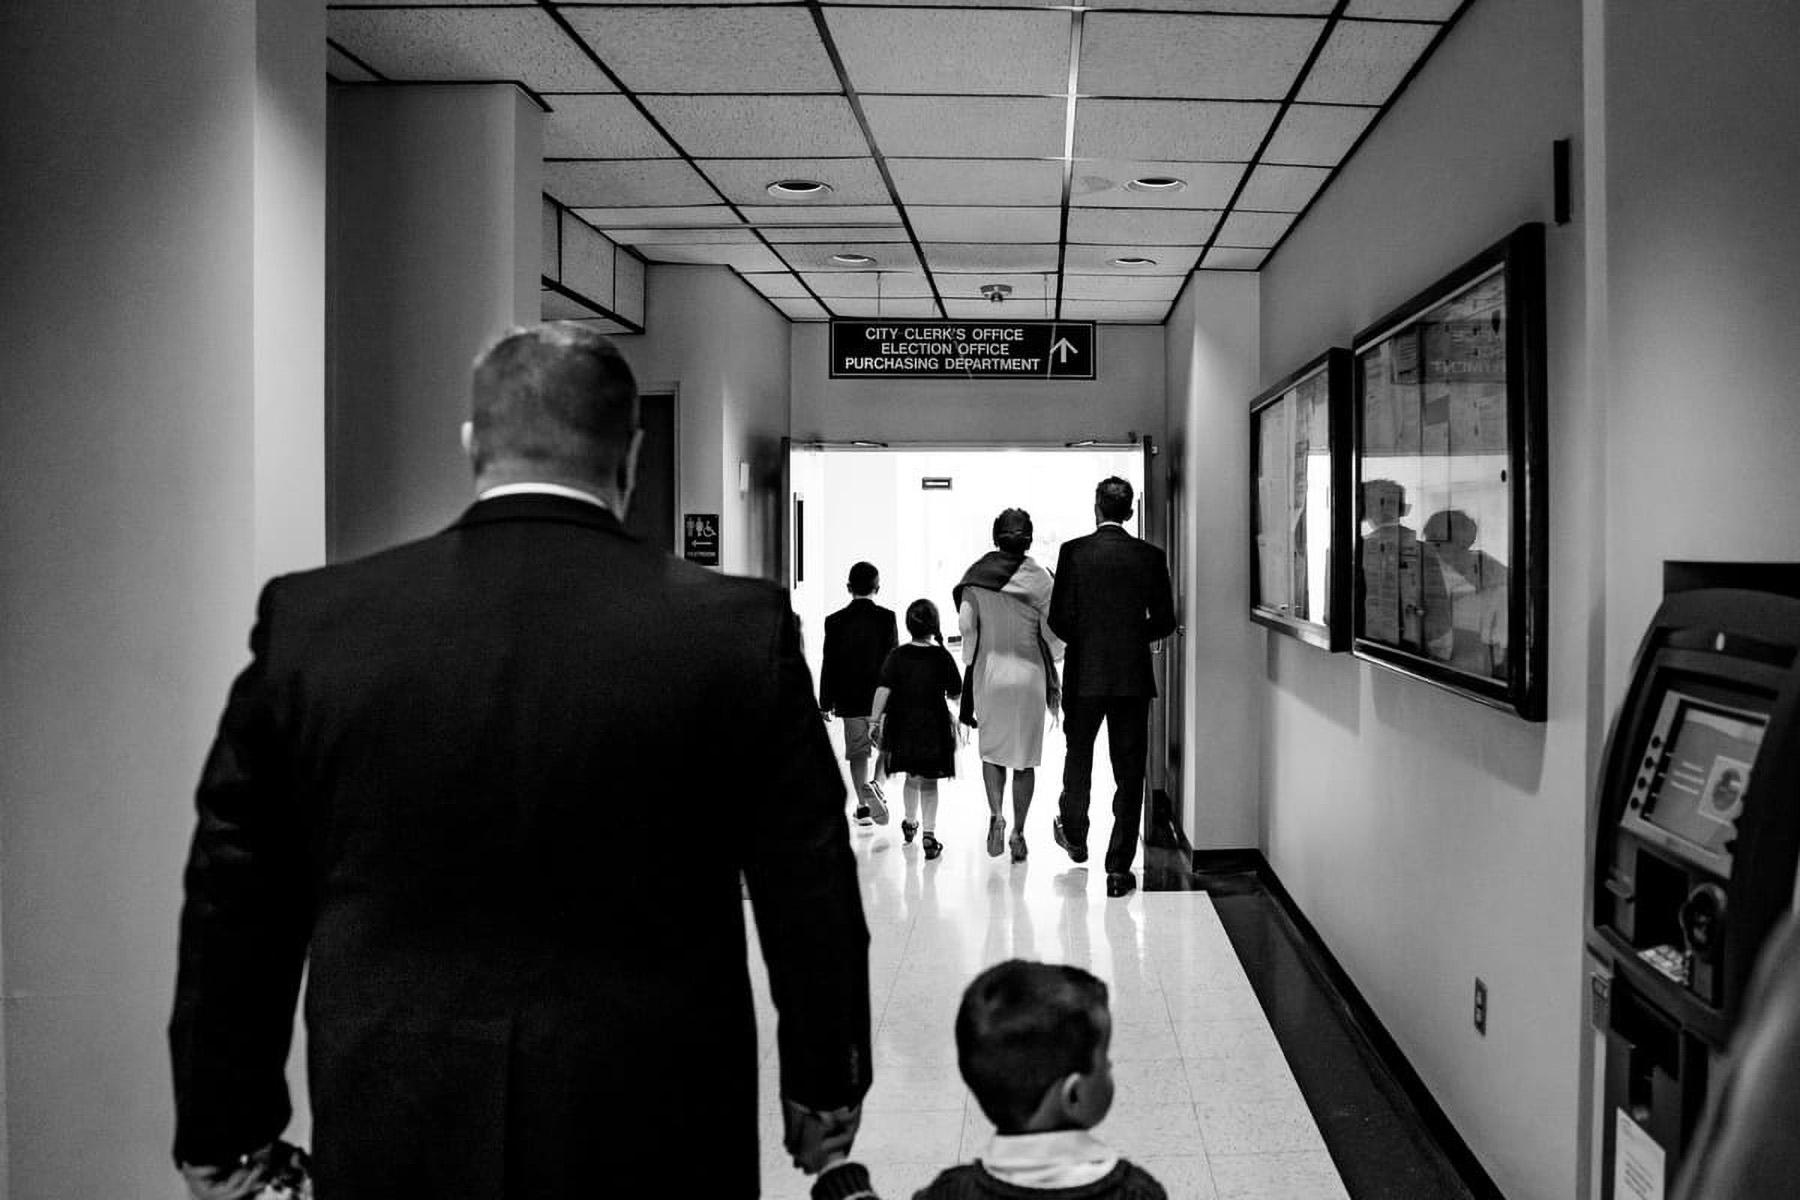 MA City Hall - Foto di matrimoni di piccole dimensioni | la famiglia felice e la coppia di sposi camminano insieme lungo il corridoio, alcuni mano nella mano